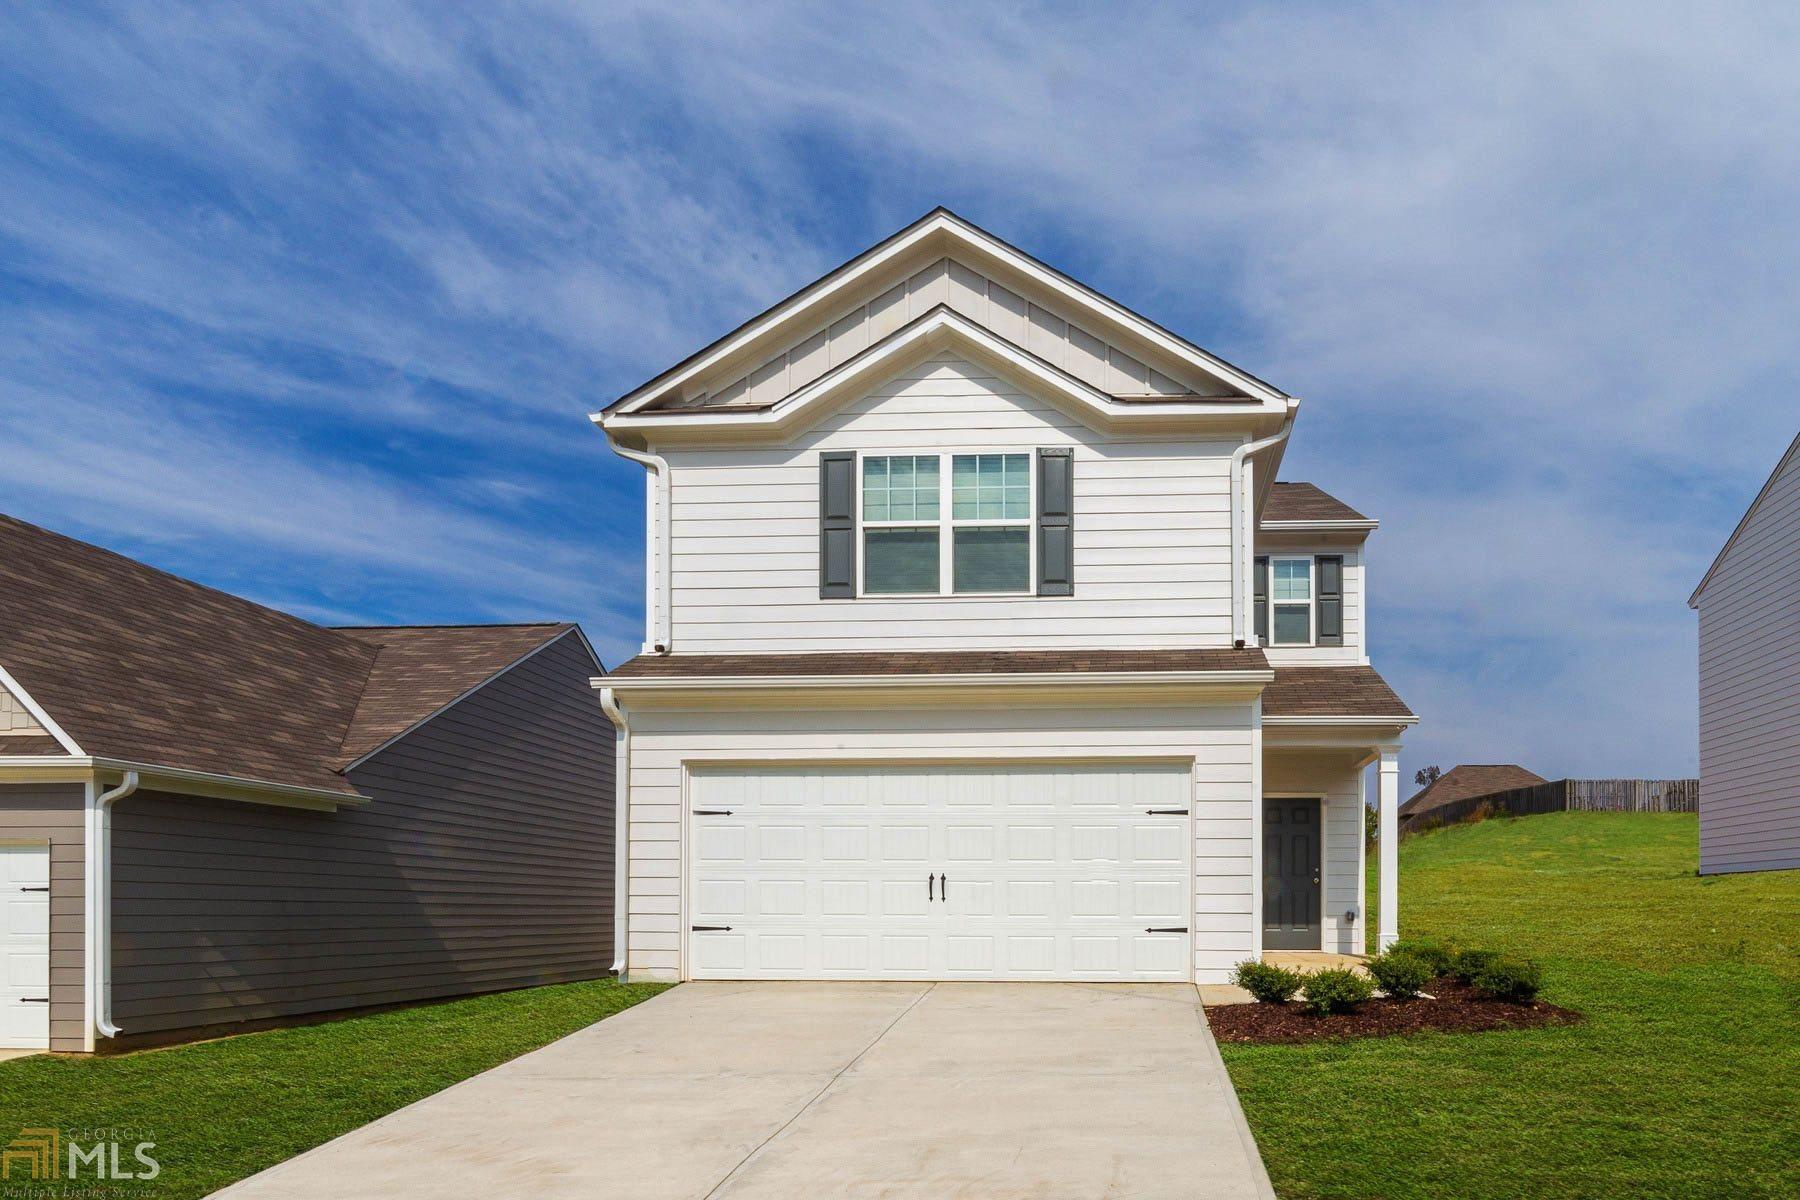 106 Fallbrook Cir, Cartersville, GA 30120 - MLS#: 8878442